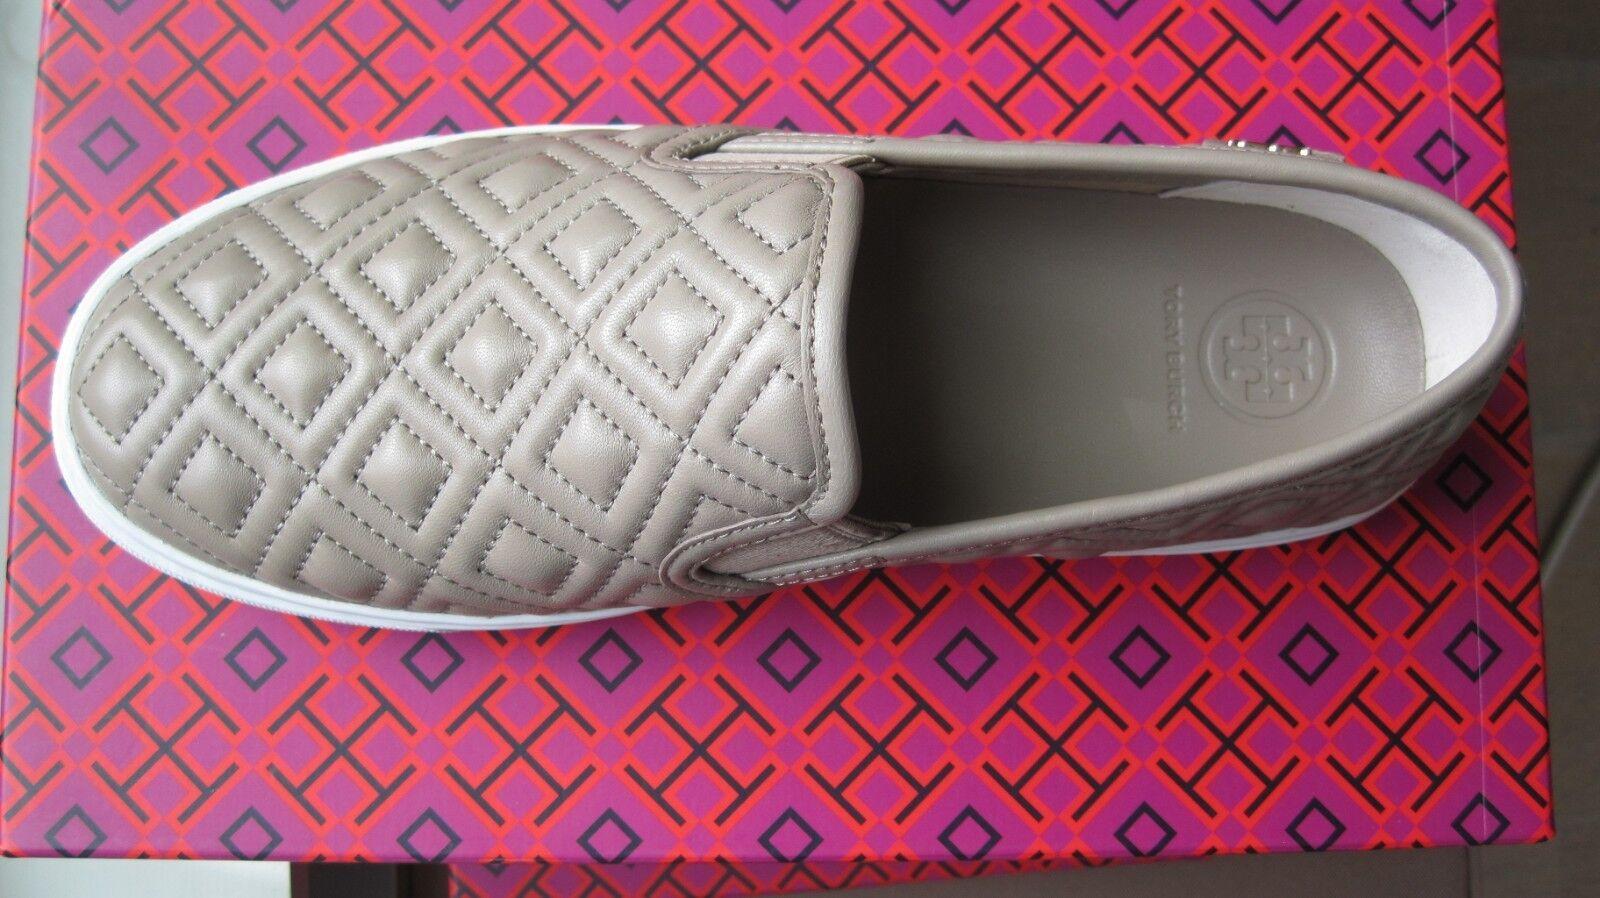 punto de venta Nueva Marca Tory Burch Jesse Jesse Jesse Acolchado Zapatillas Tamaño 8.5  cómodo